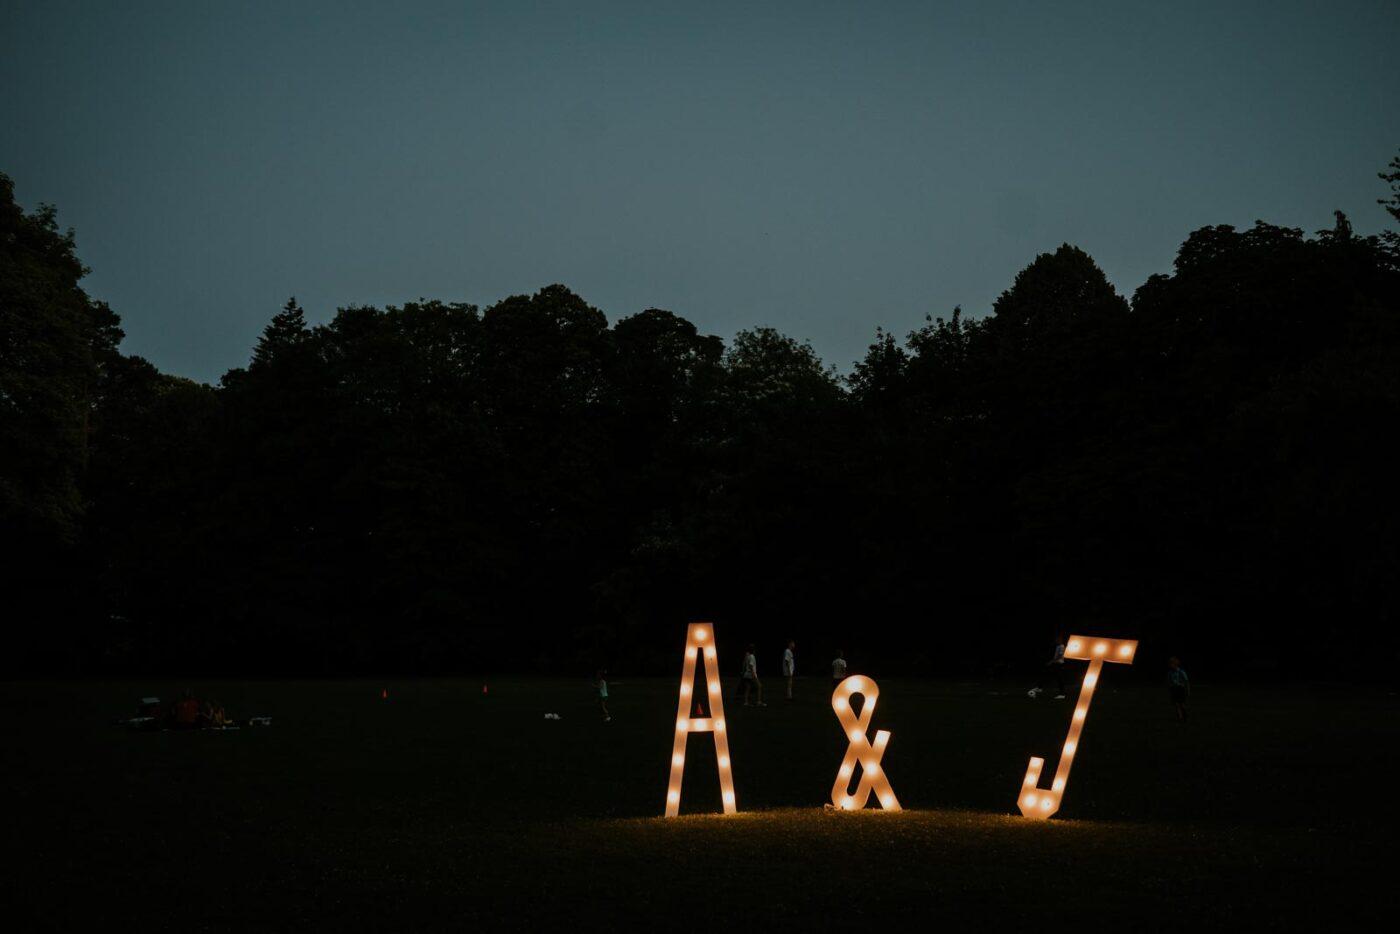 A&J !